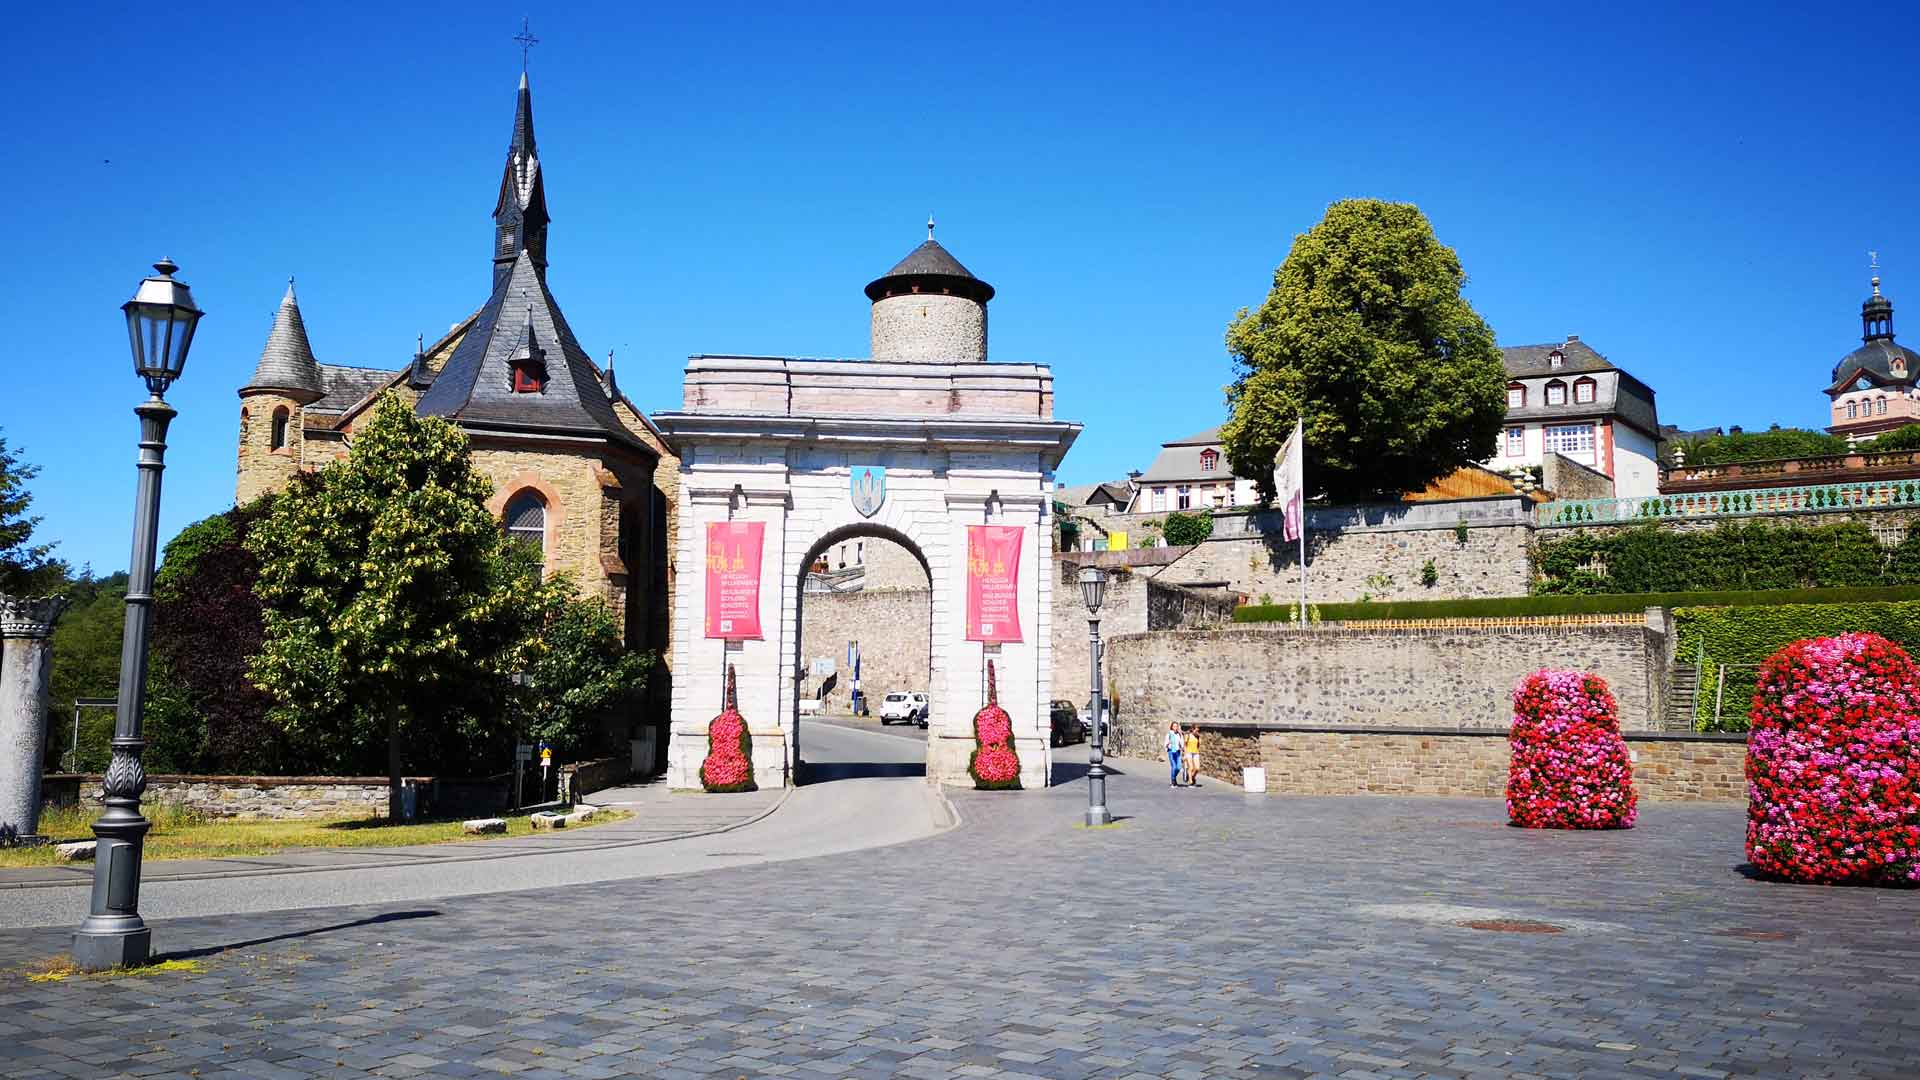 De stadspoort van Weilburg.